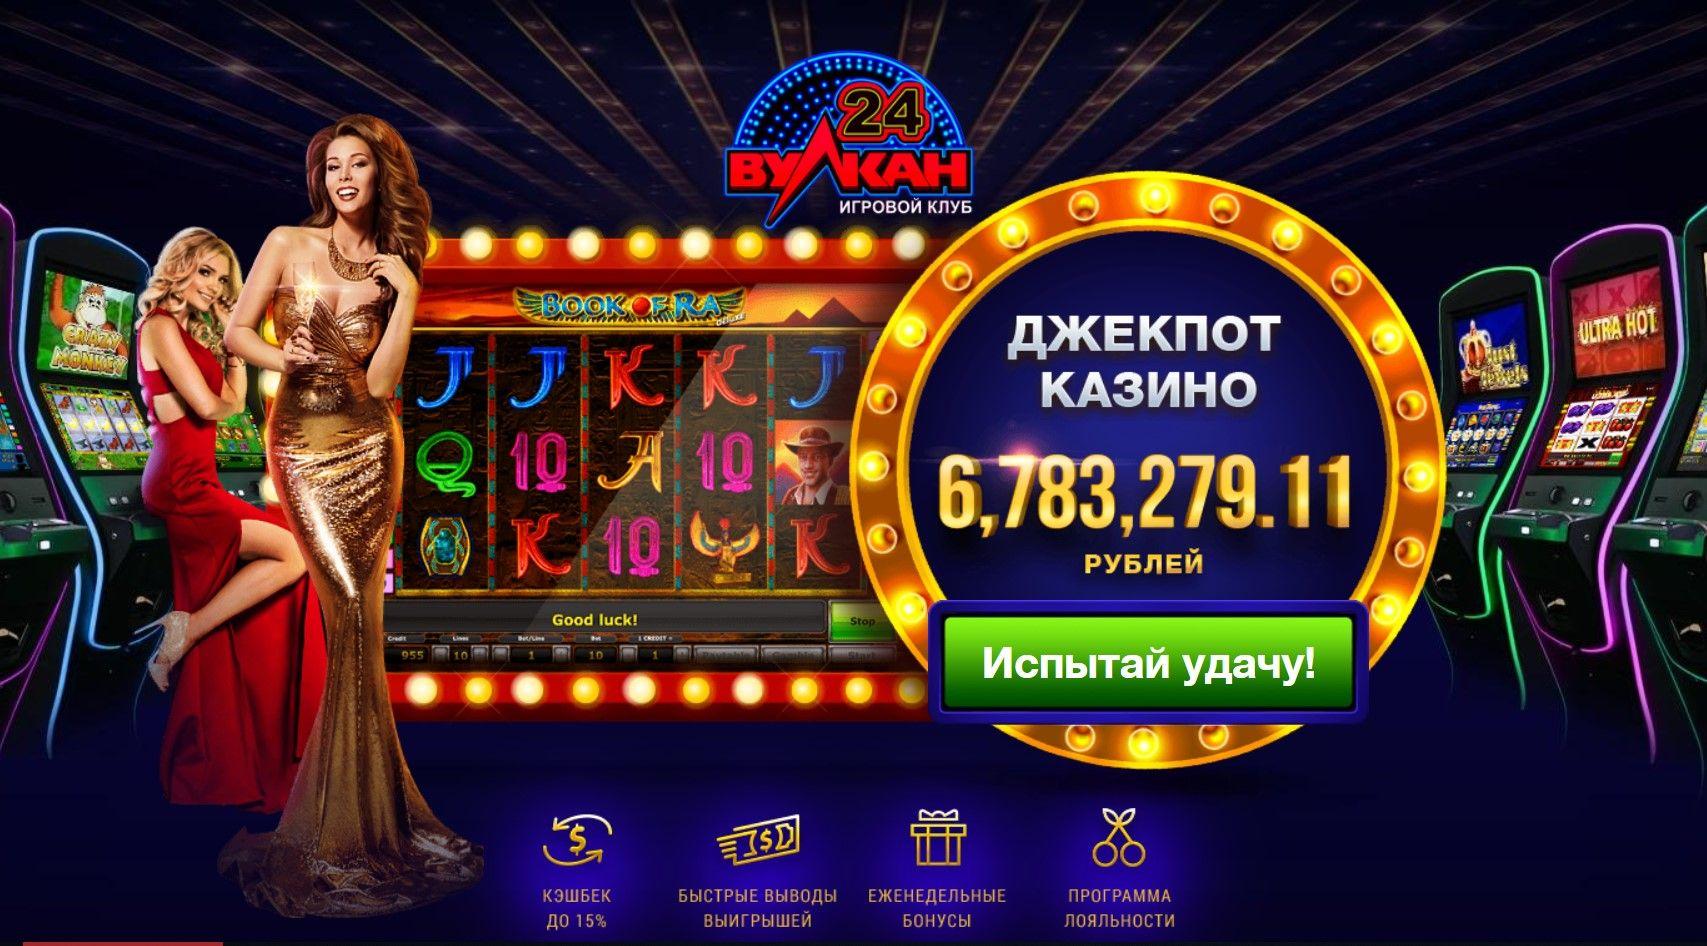 Казино сайты играть без регистрации вулкан казино слоты онлайн бесплатно без регистрации